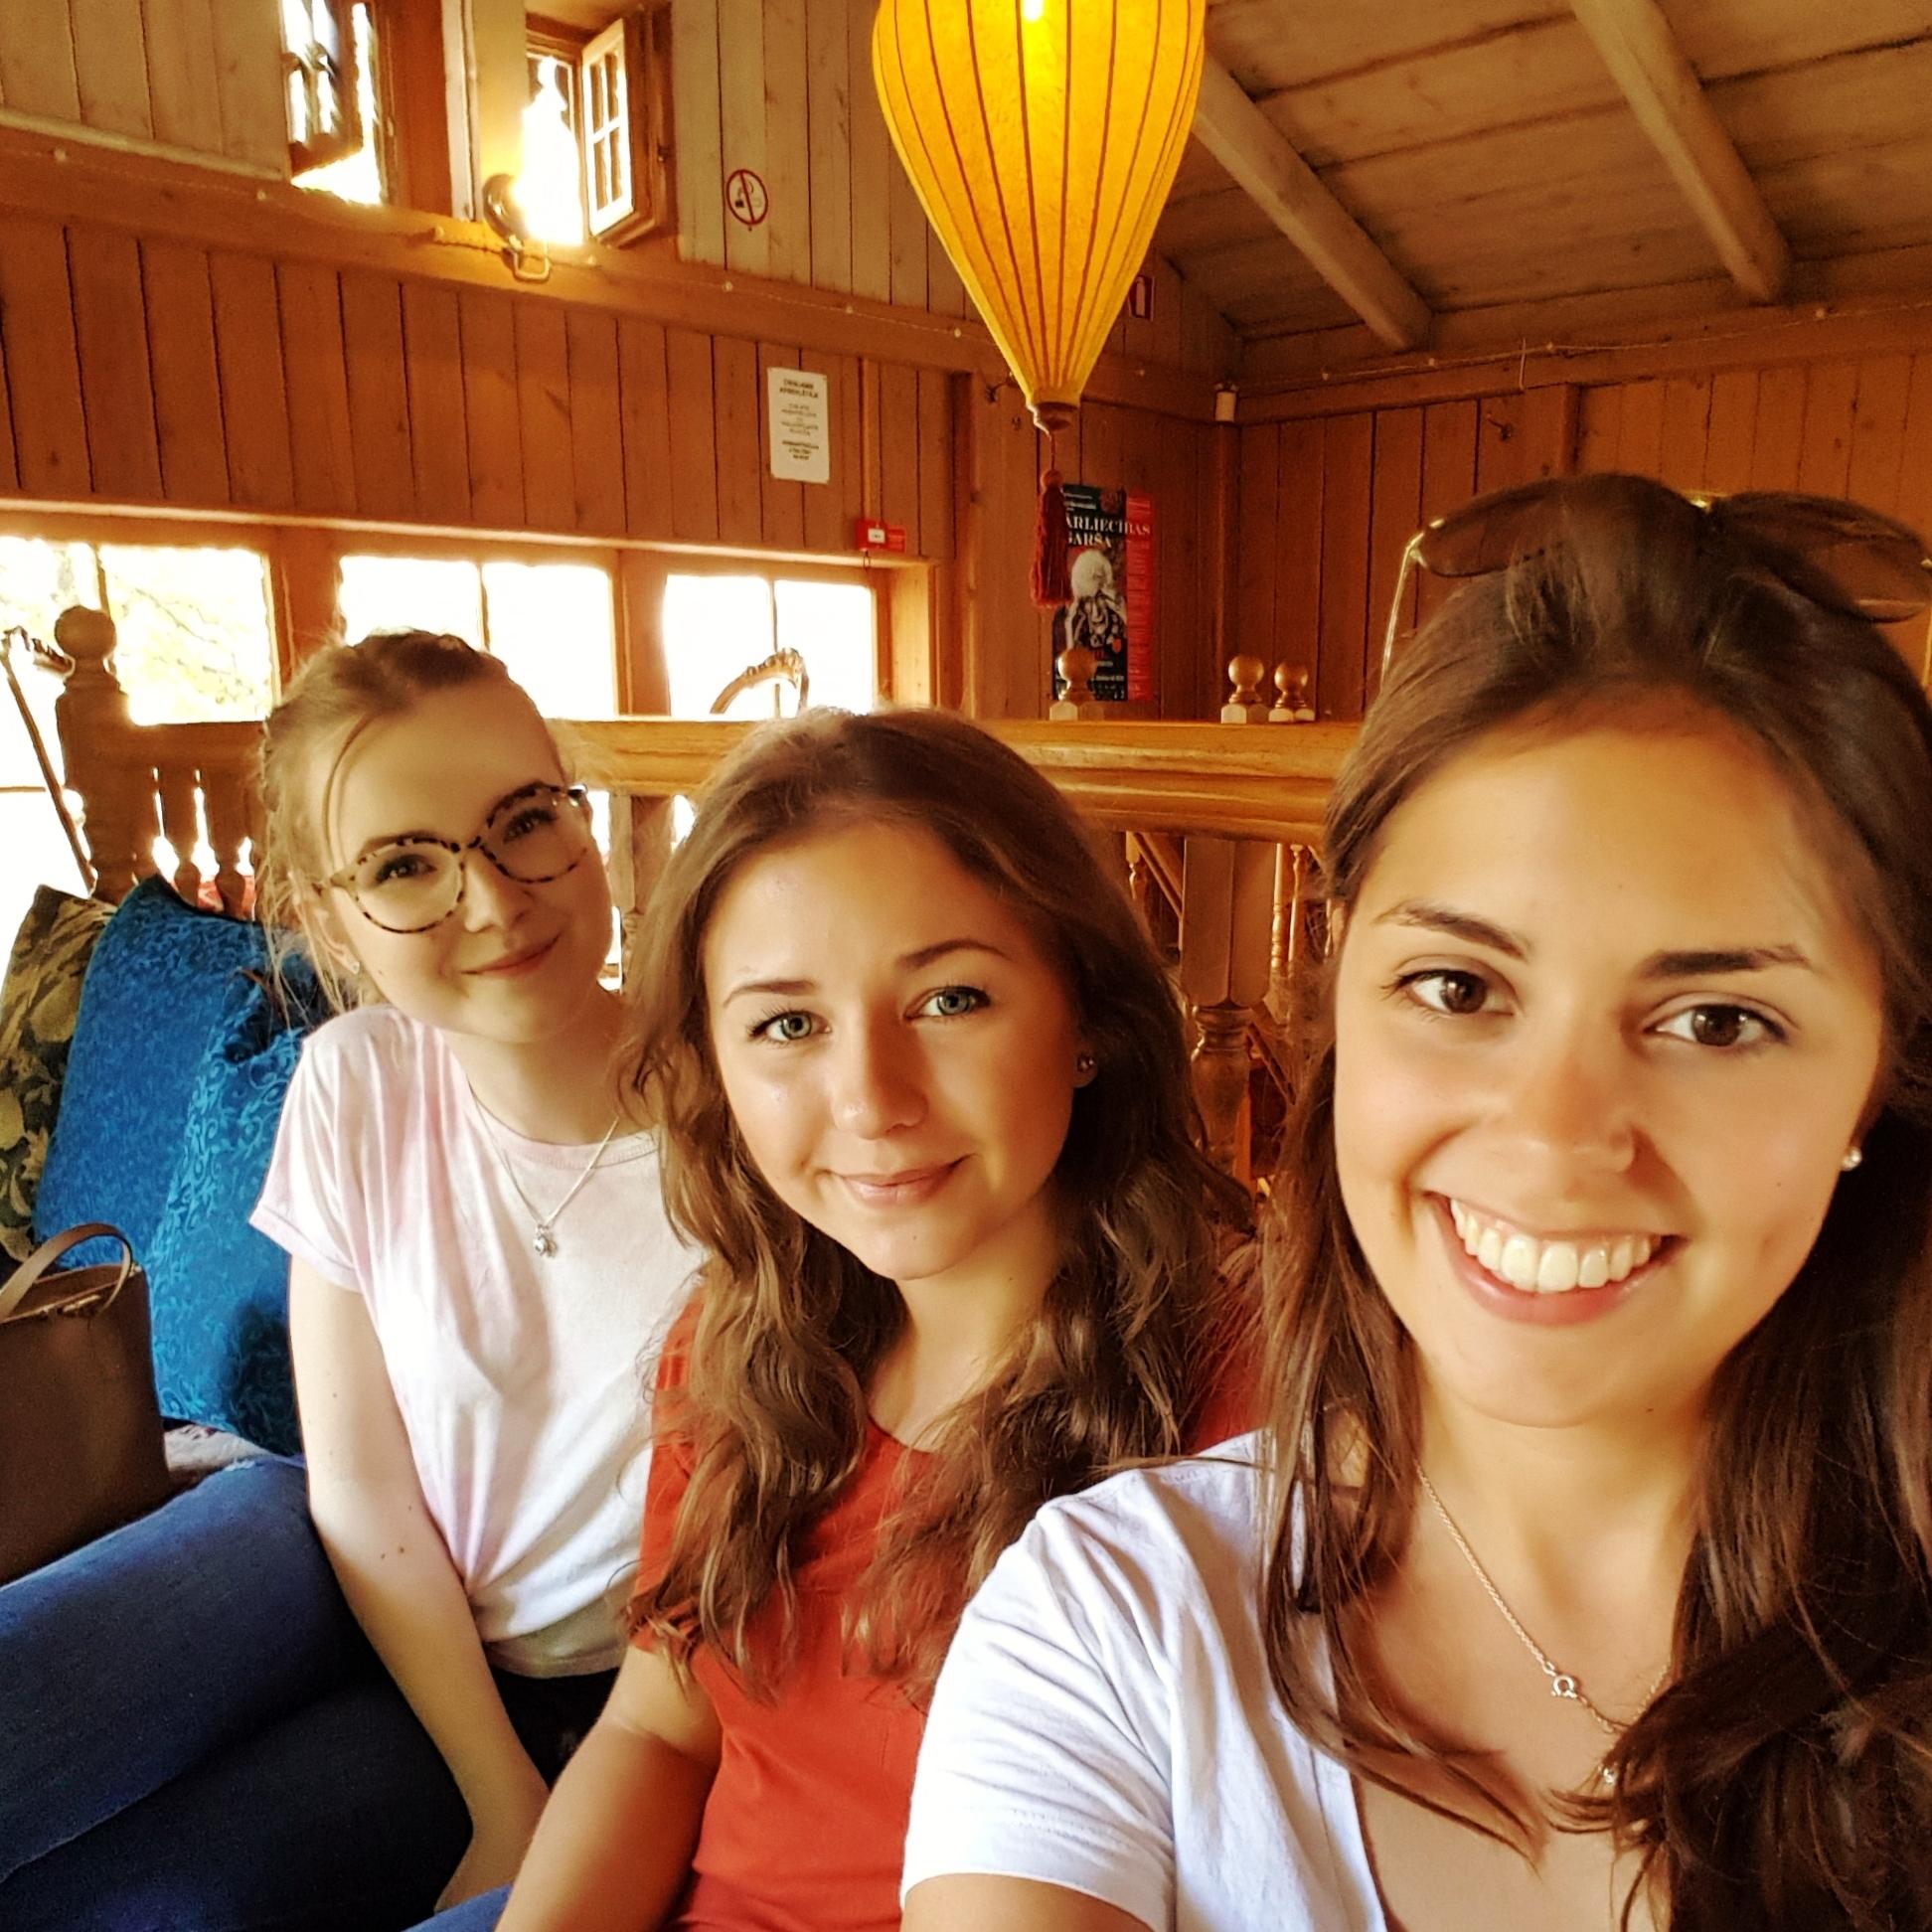 Besuch im Teehaus mit meinen Mitbewohnerinnen